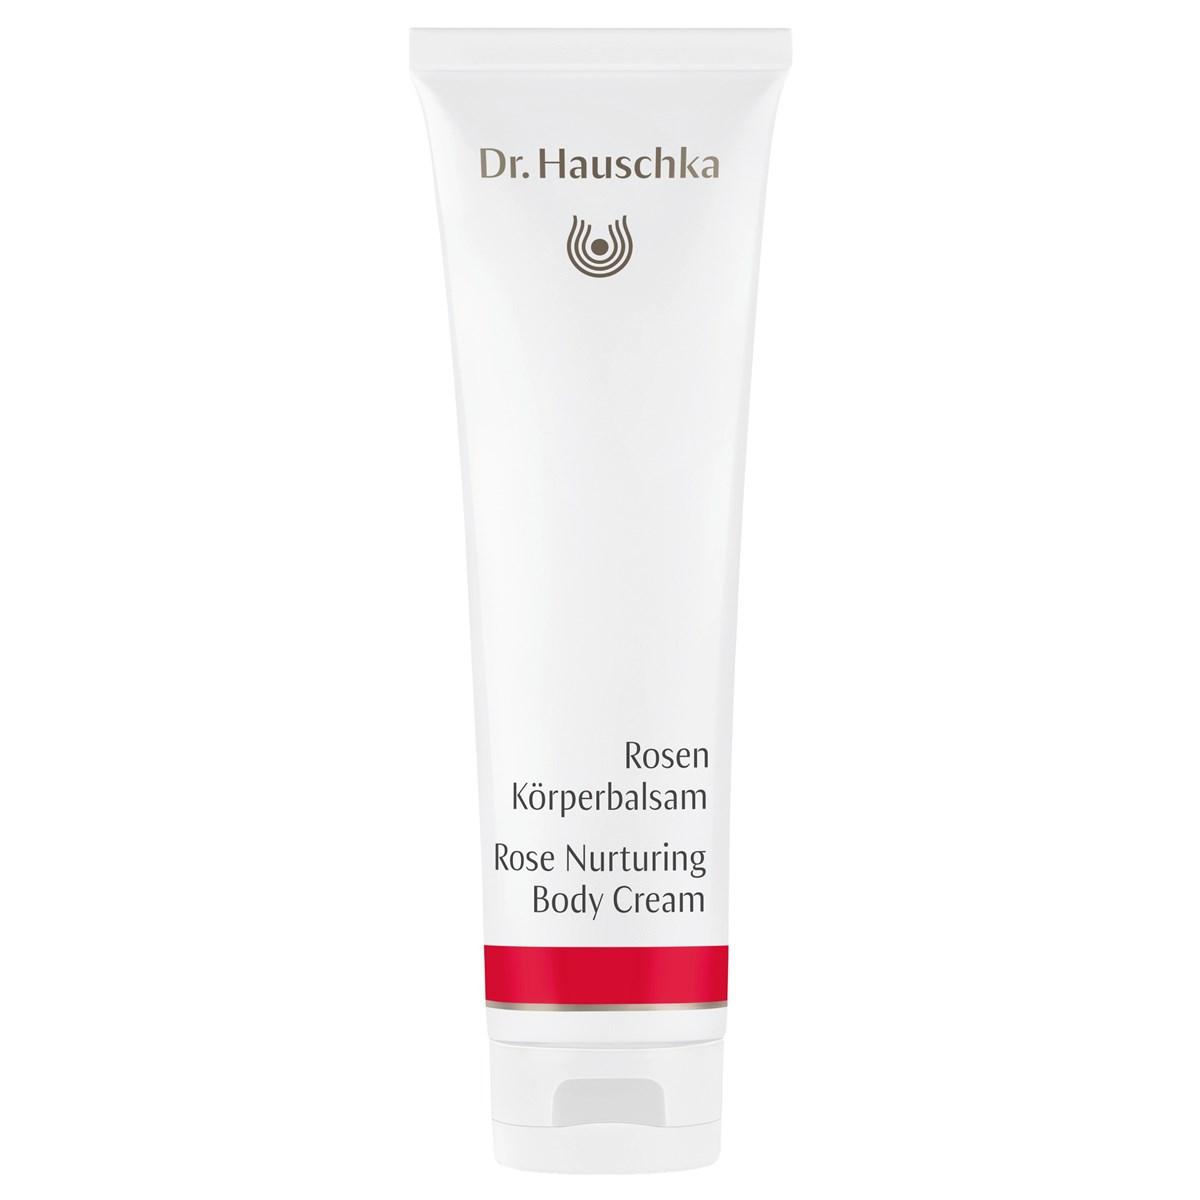 Dr Hauschka Rose Nurturing Body Cream